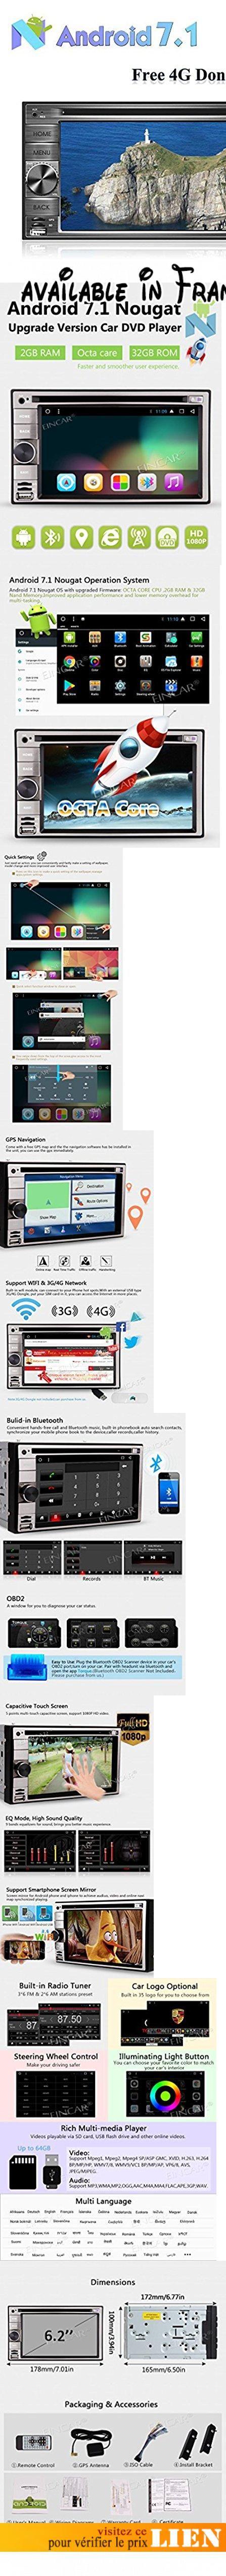 4G Dongle comprennent Octa-core Stereo Double din Android Autoradio 7.1 Lecteur DVD / CD Bluetooth GPS Navigation Headunit Support double caméra wifi / OBD / Mirror Link / DAB / DVR - 2 Go 32 Go - 6,2 pouces à écran tactile. PURE Player Android 7.1 DVD de voiture avec système Nougat, Octa Core CPU fréquence 1.6GHz, 2 Go de RAM ROM et 32   Go, ce qui contribue à la performance fantastique, 6,2 pouces écran tactile avec une résolution de 600 * 1024. Double Din Lecteur